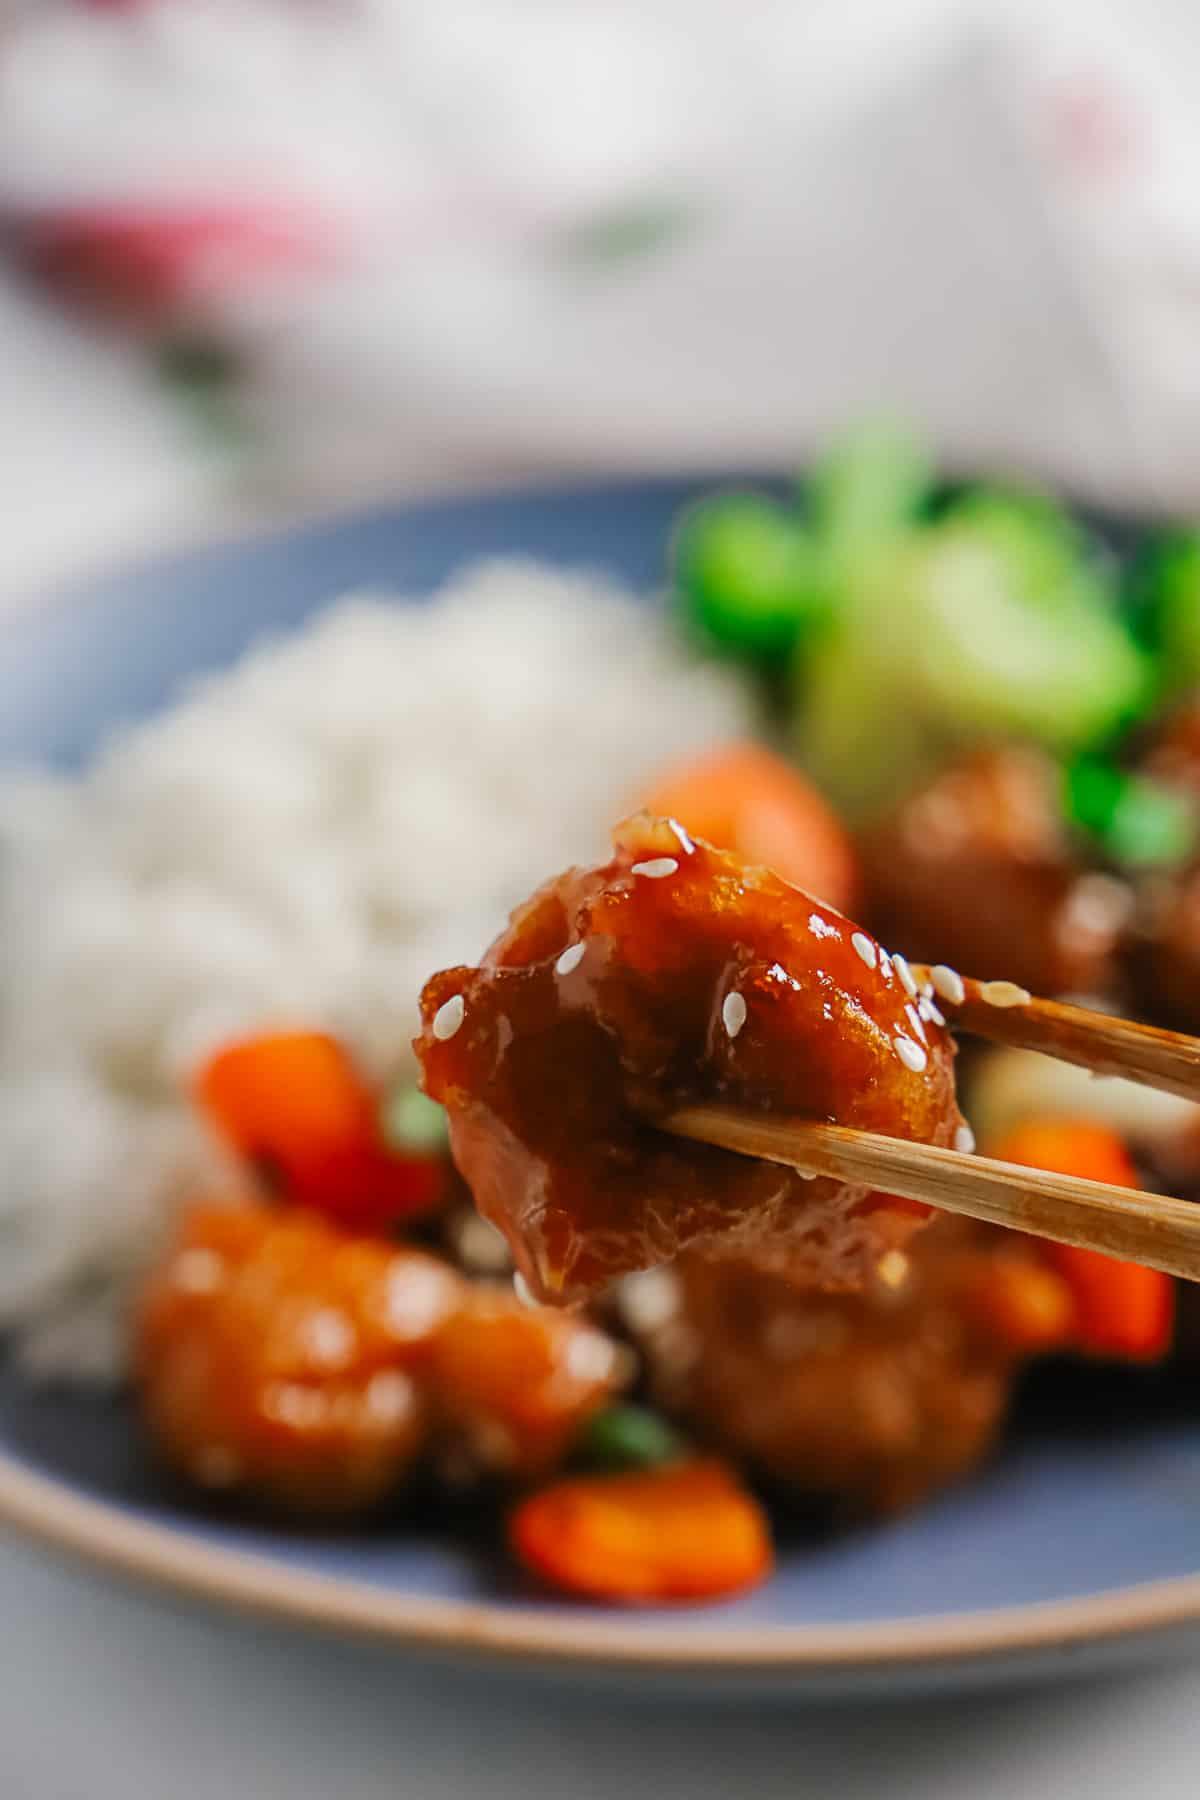 Close up of a piece of crispy pork held by chopsticks.